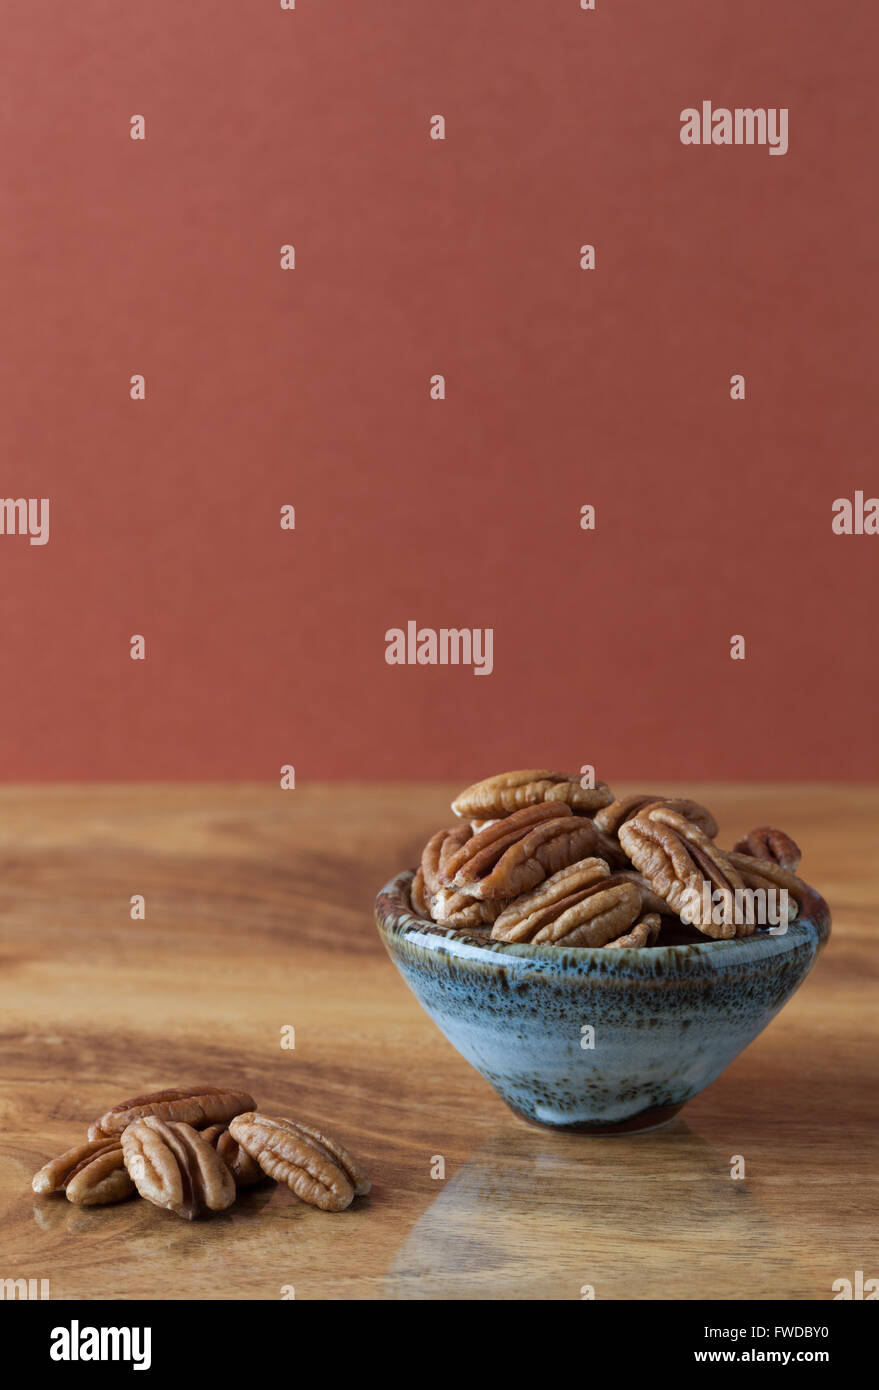 La pacana sobre mesa de madera, y en el cuenco de cerámica con fondo marrón. Copie el espacio, profundidad Imagen De Stock